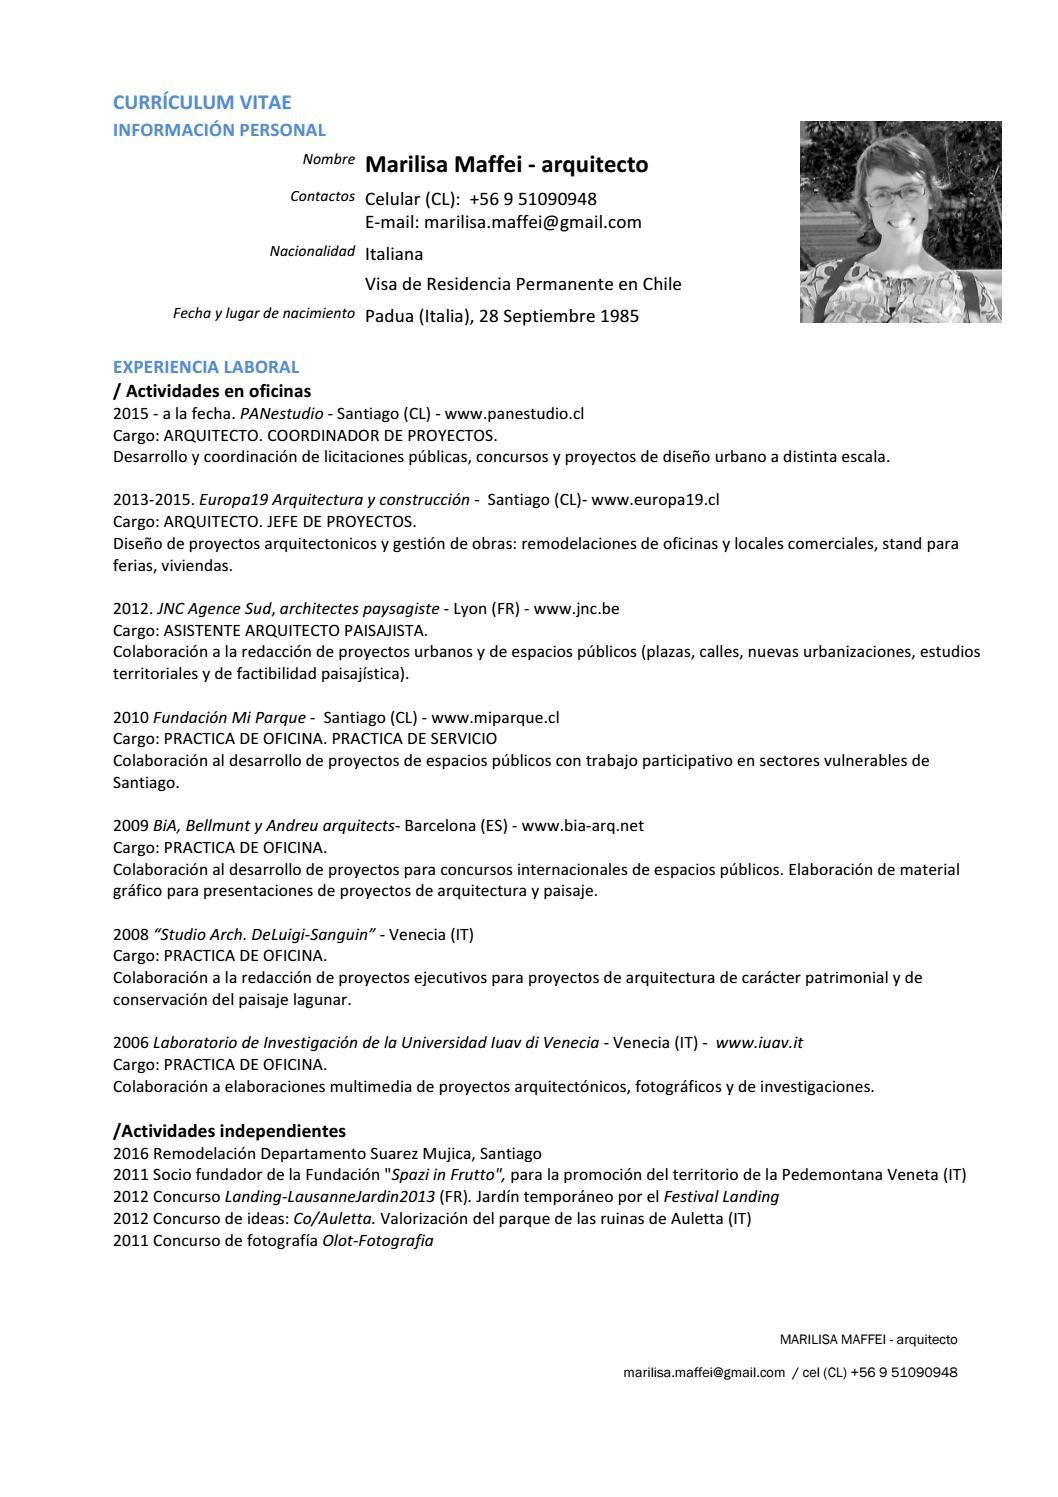 Marilisa Maffei - Arquitecto / CV 2018 by marilisa maffei - issuu